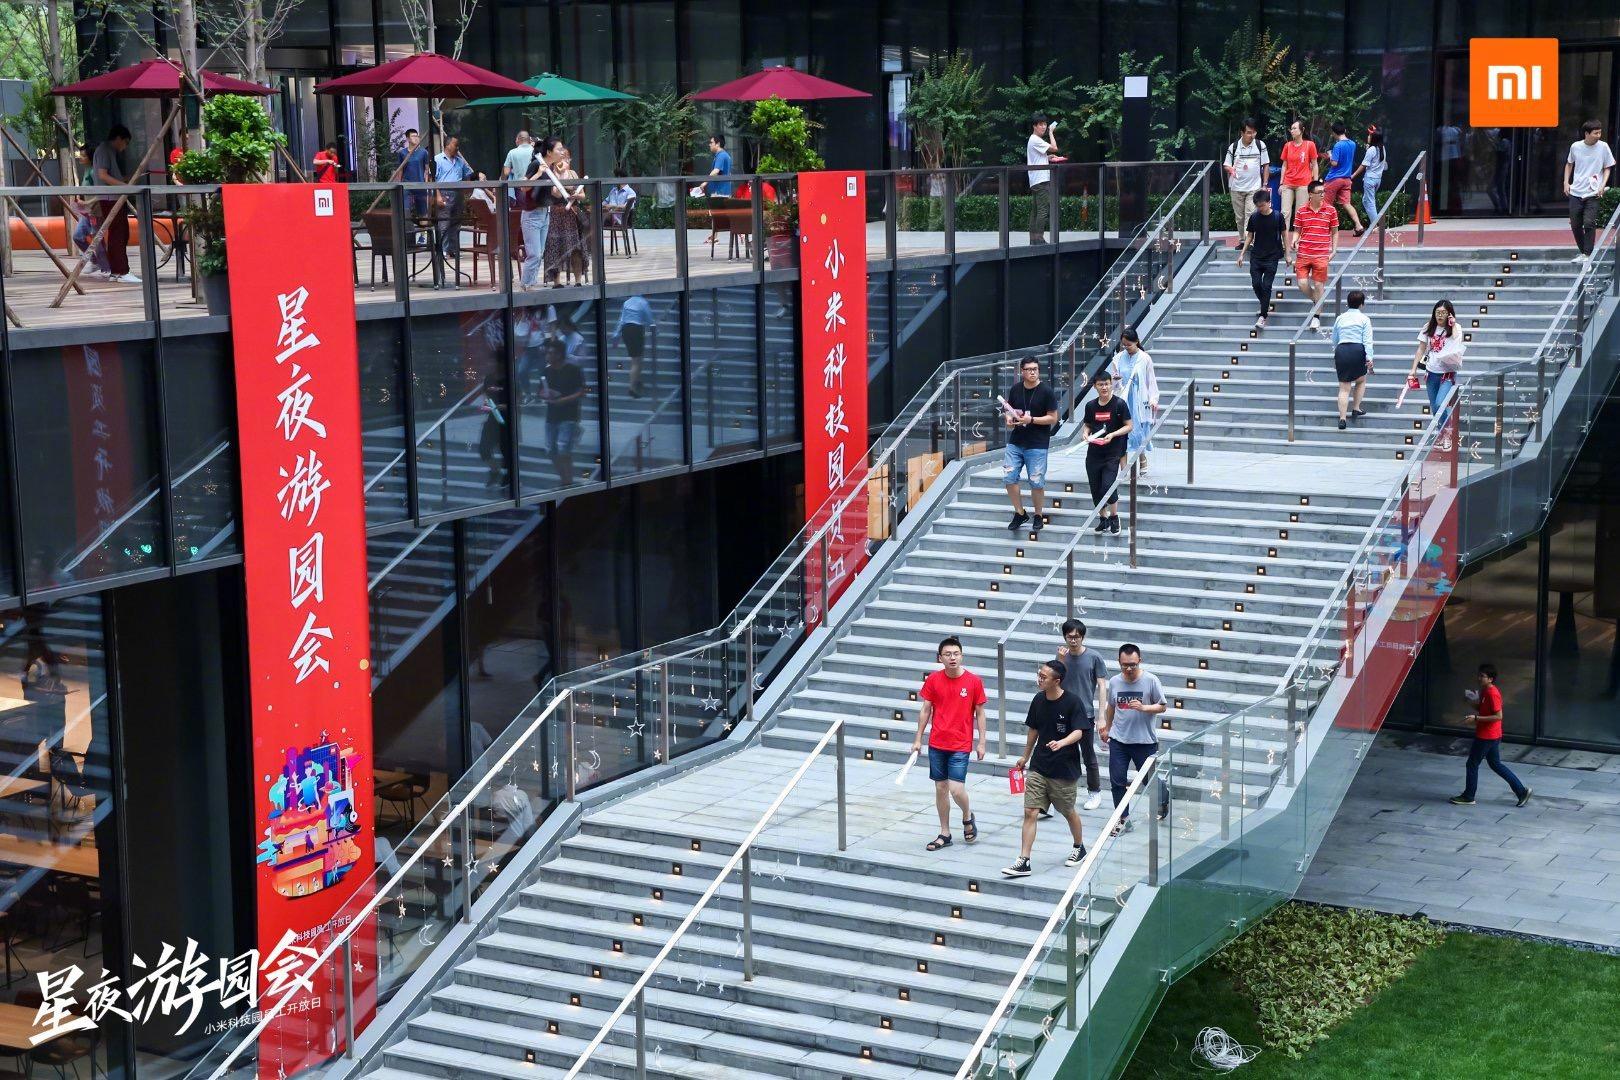 El nuevo Parque Científico y Tecnológico de Xiaomi abre sus puertas. Así luce de espectacular luce la nueva sede de la compañía. Noticias Xiaomi Adictos